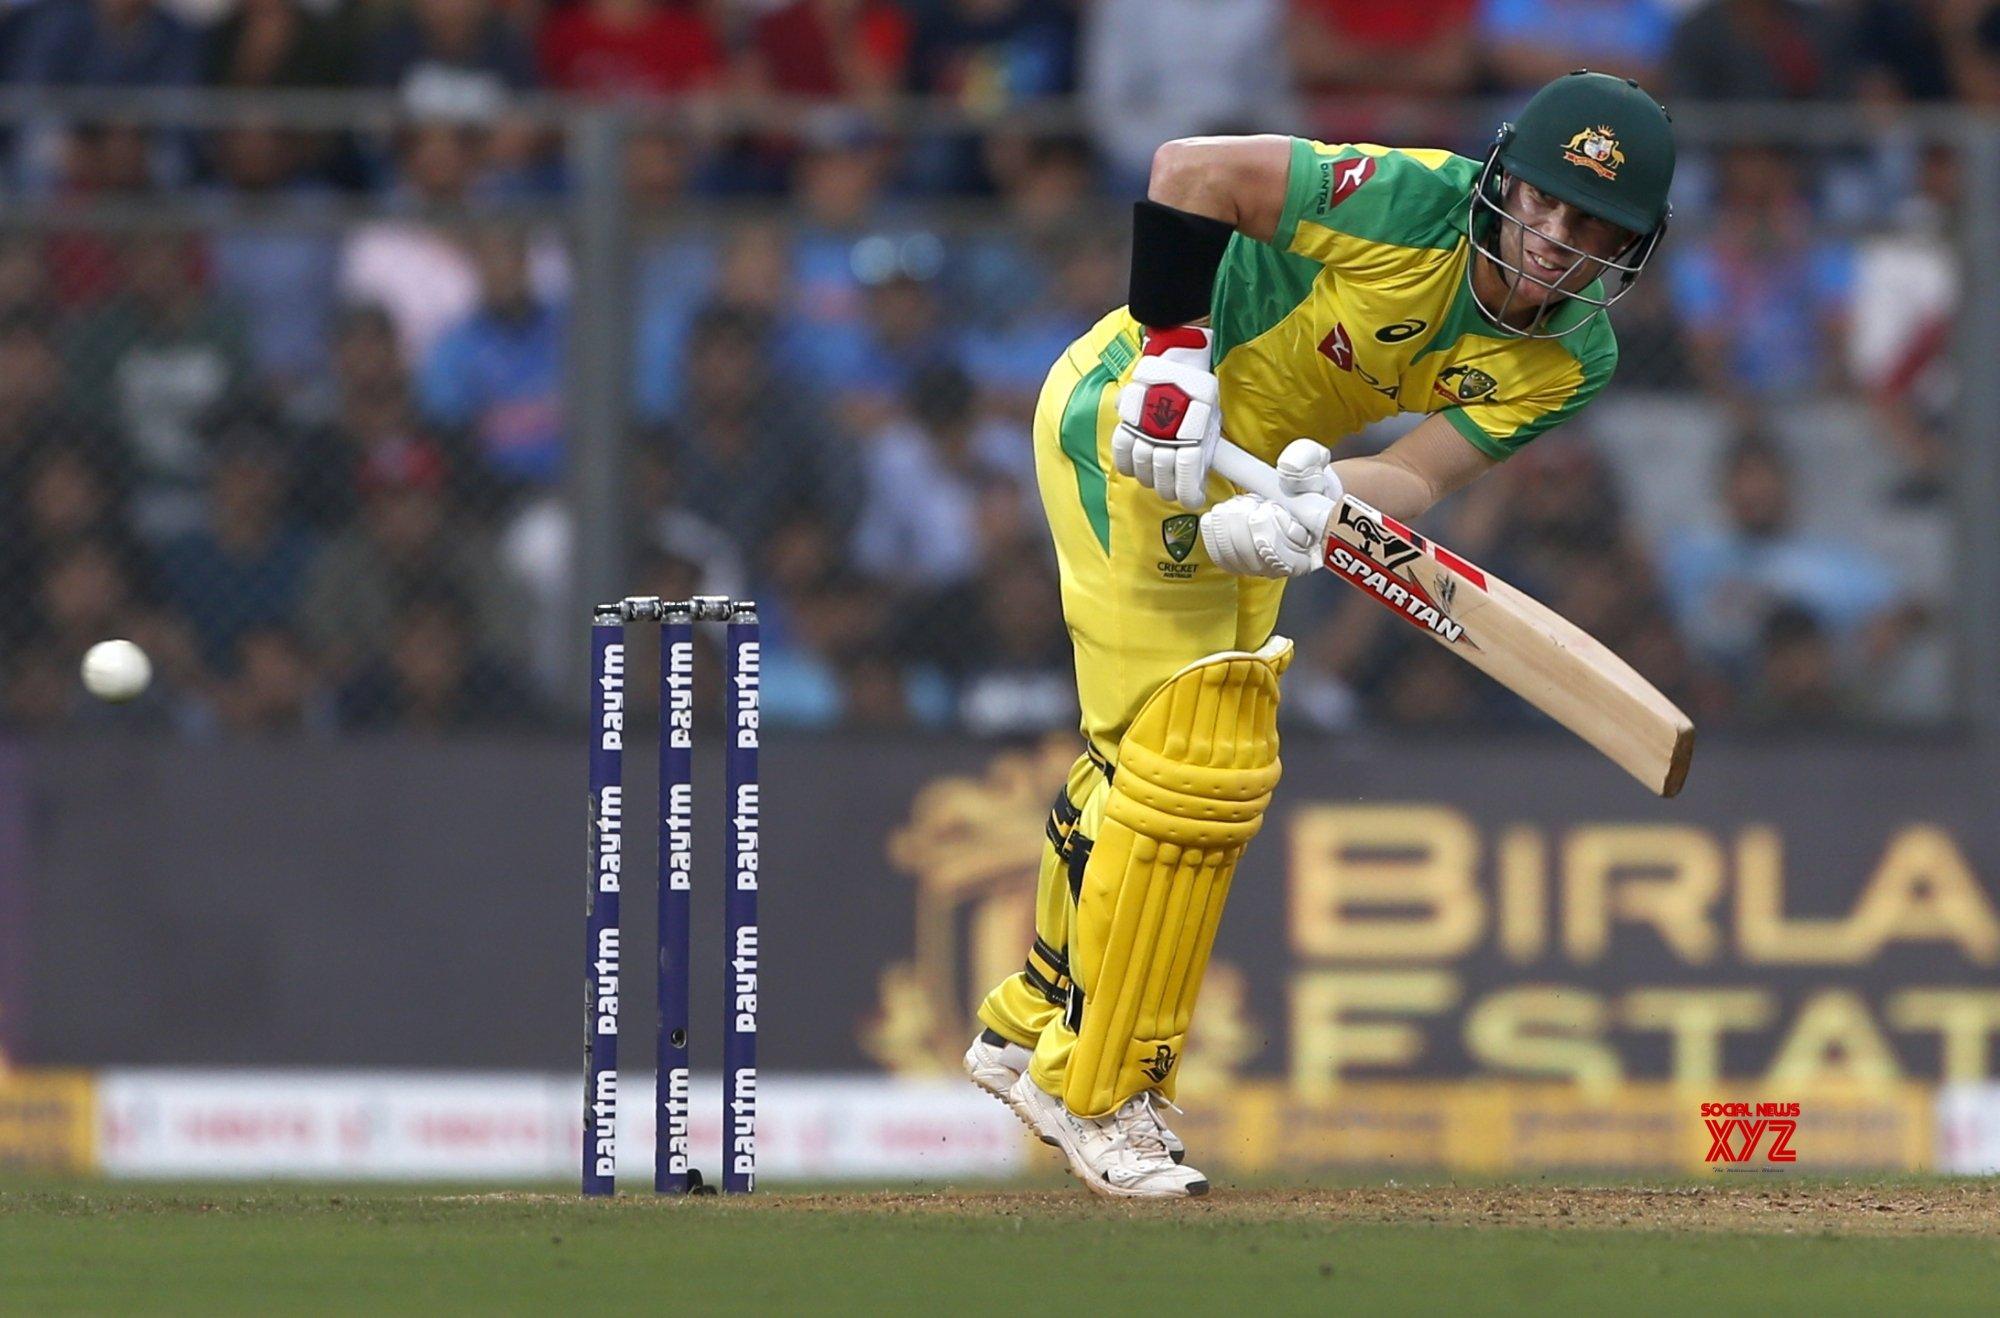 Warner becomes fastest Australian to amass 5000 ODI runs